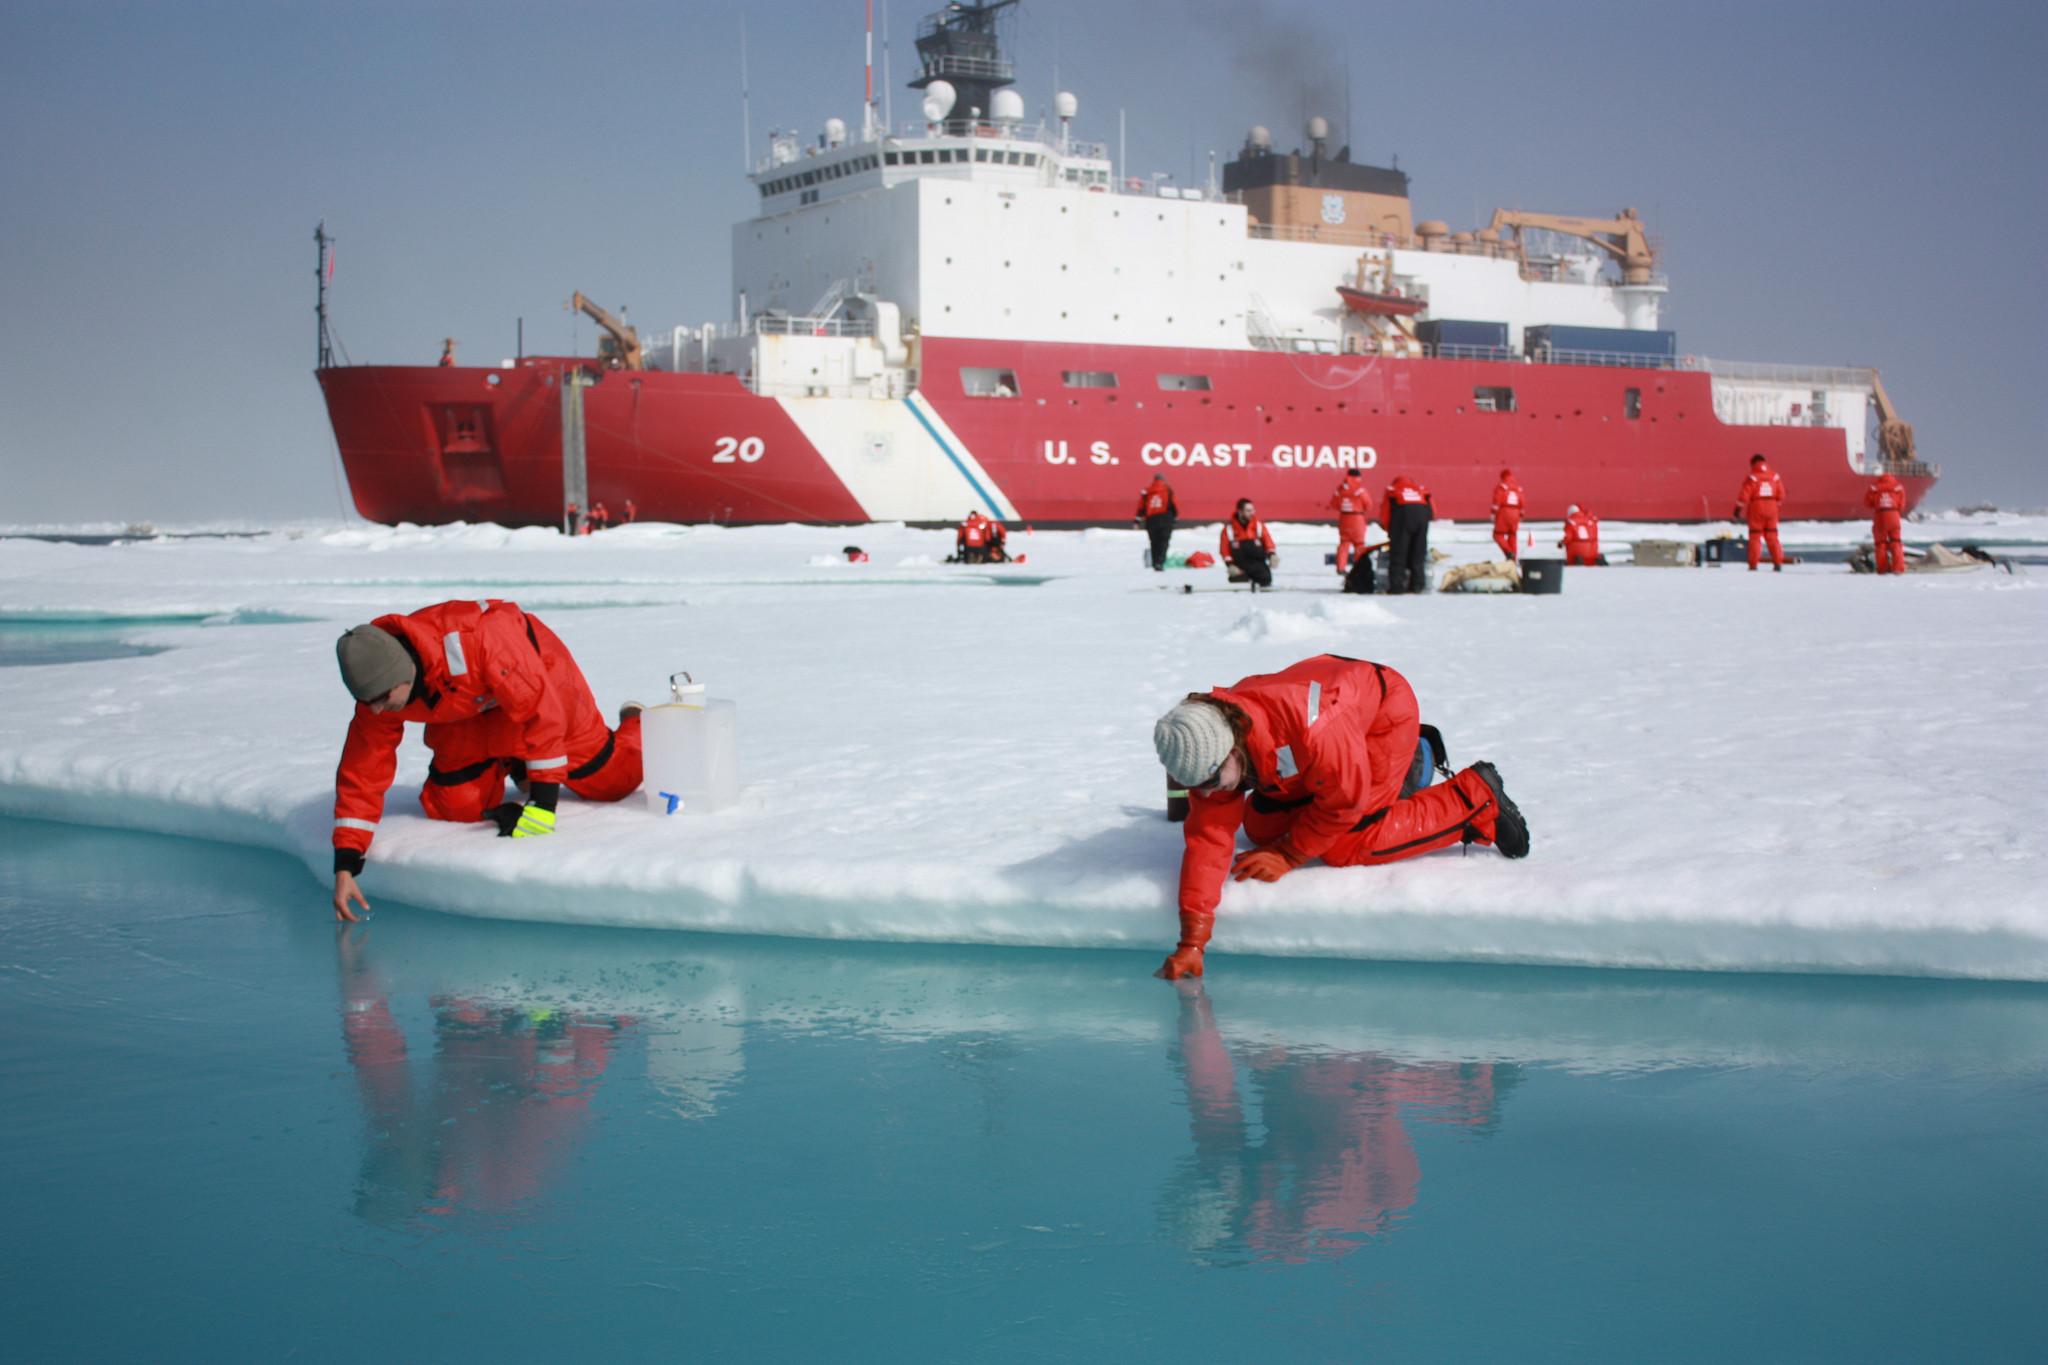 Onderzoekers van het Scripps Institution of Oceanography nemen watermonsters in de Tsjoektsjenzee. – © NASA/Kathryn Hansen